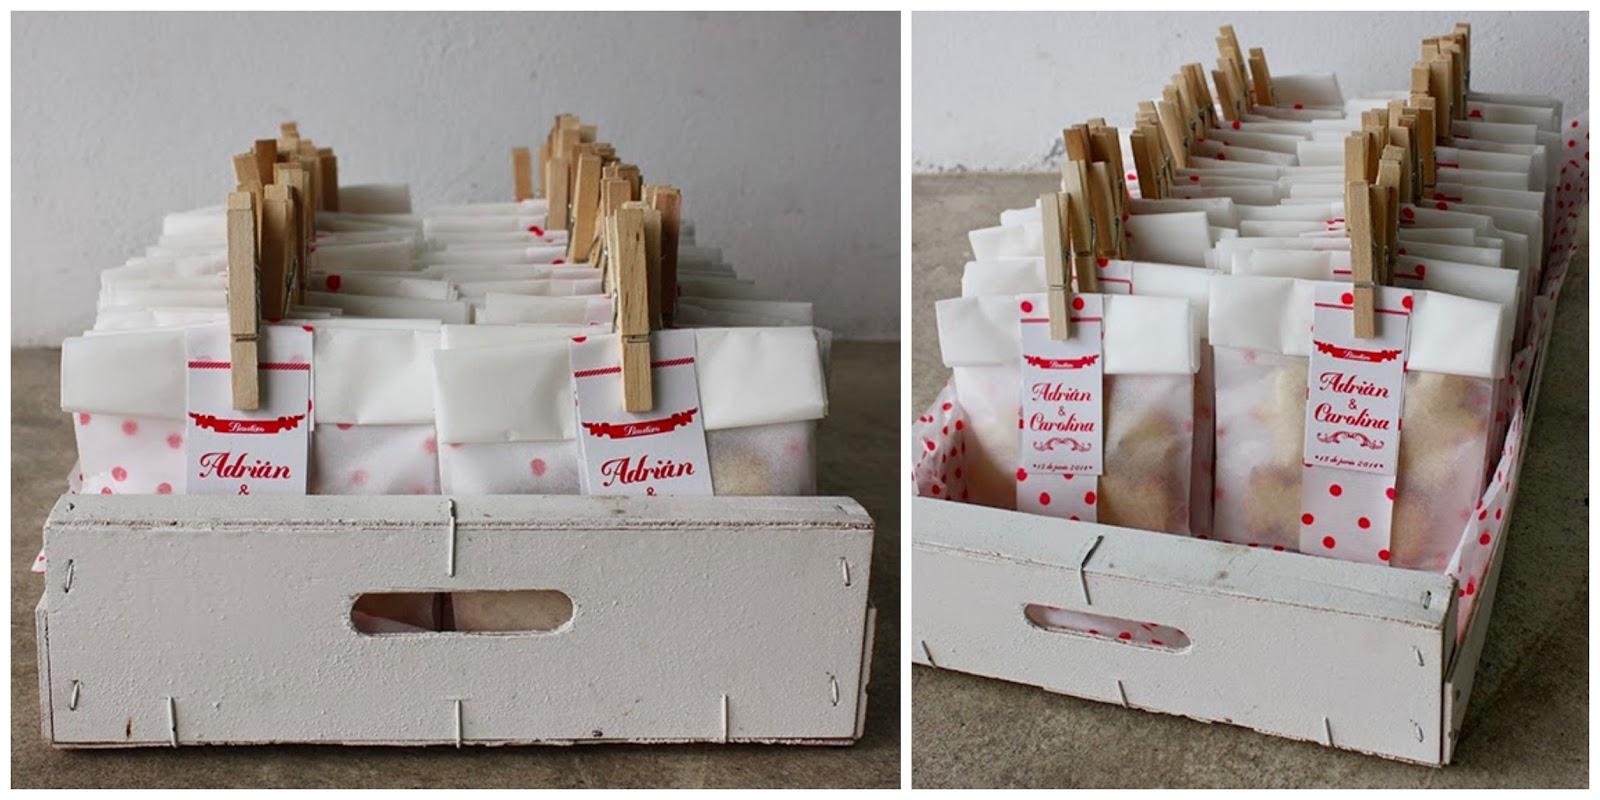 2 formas de reciclar cajas de fresas - Ideas para decorar mesas de chuches ...